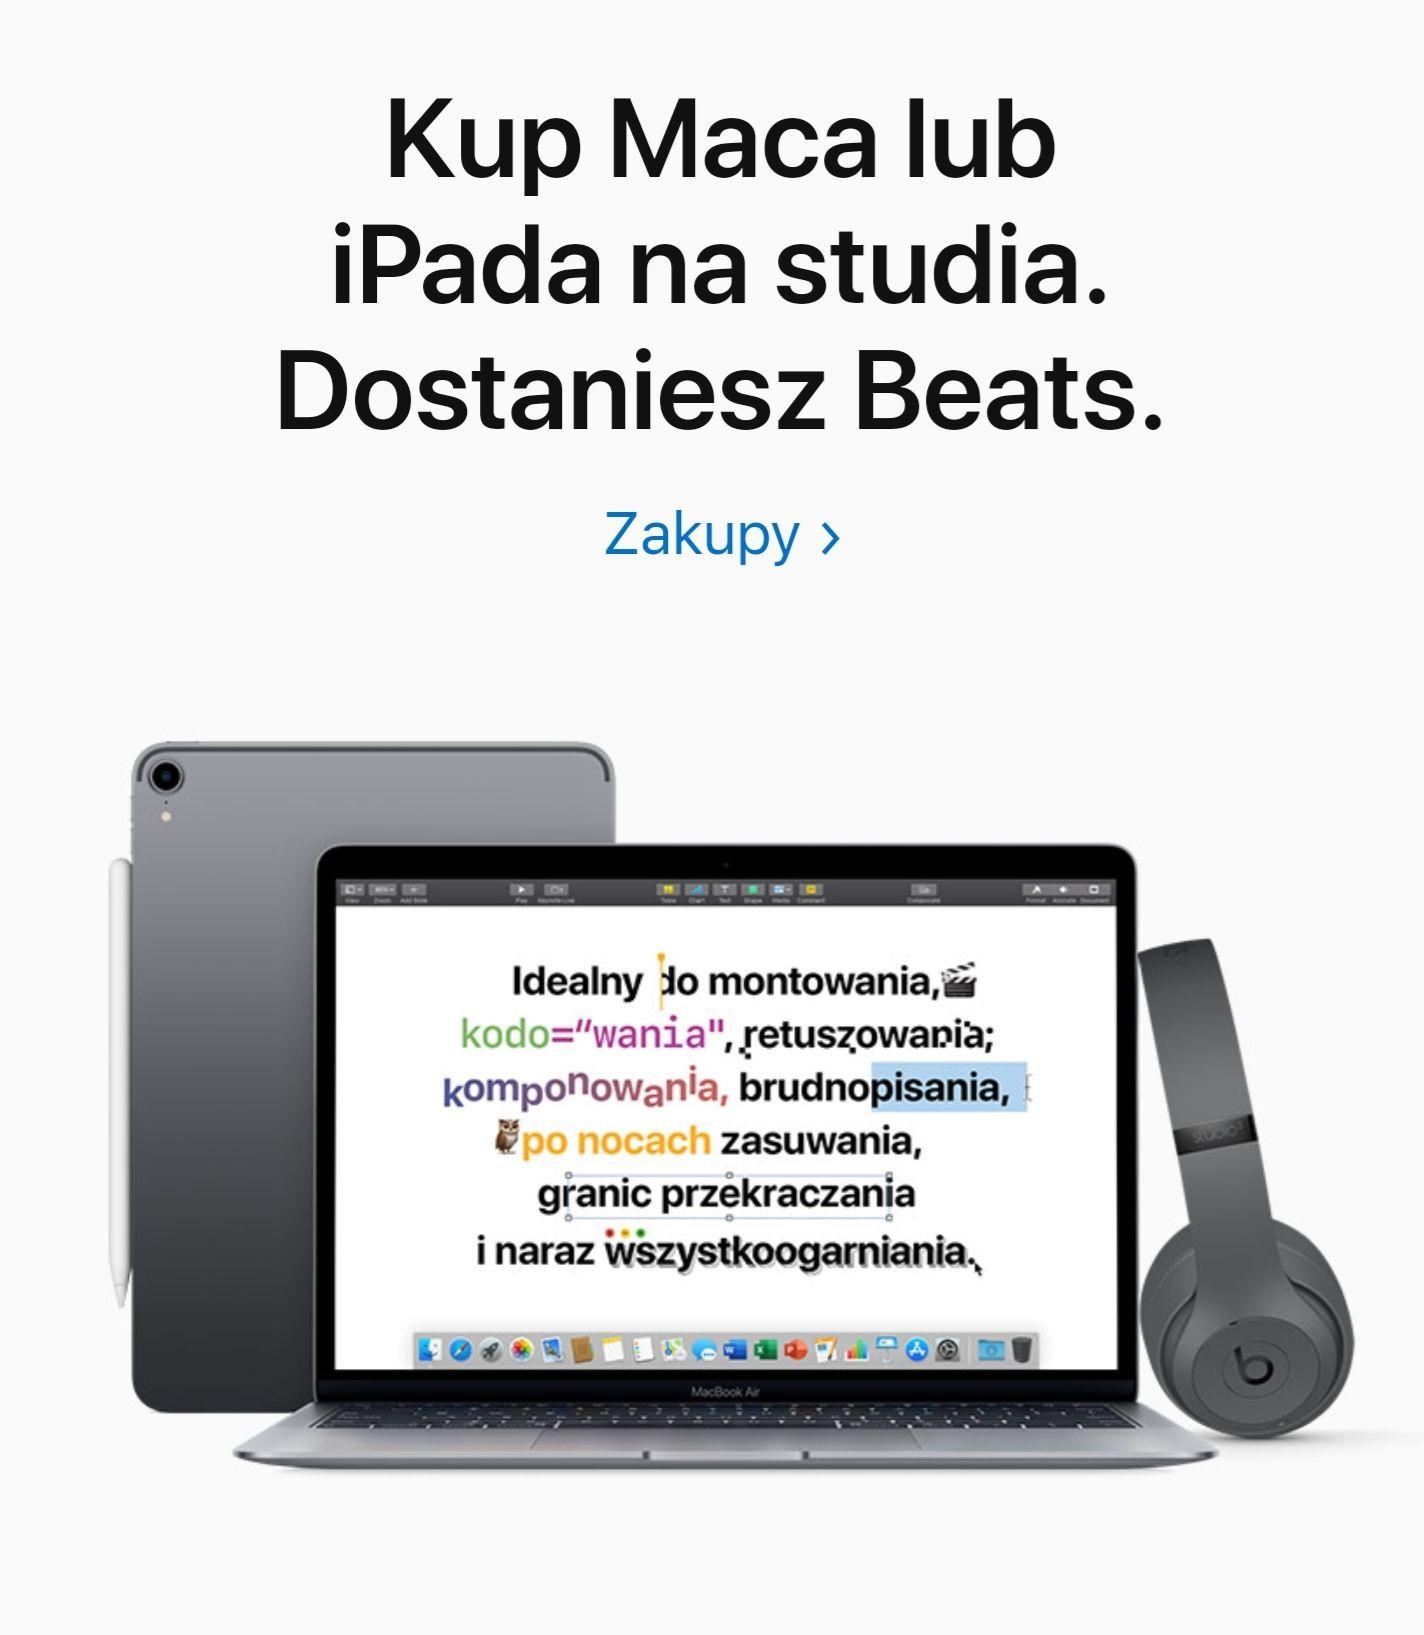 Apple.pl - 6% zniżki na wybrane modele oraz Beats Solo3/Studio3 lub BeatsX gratis przy zakupie Mac / iPad